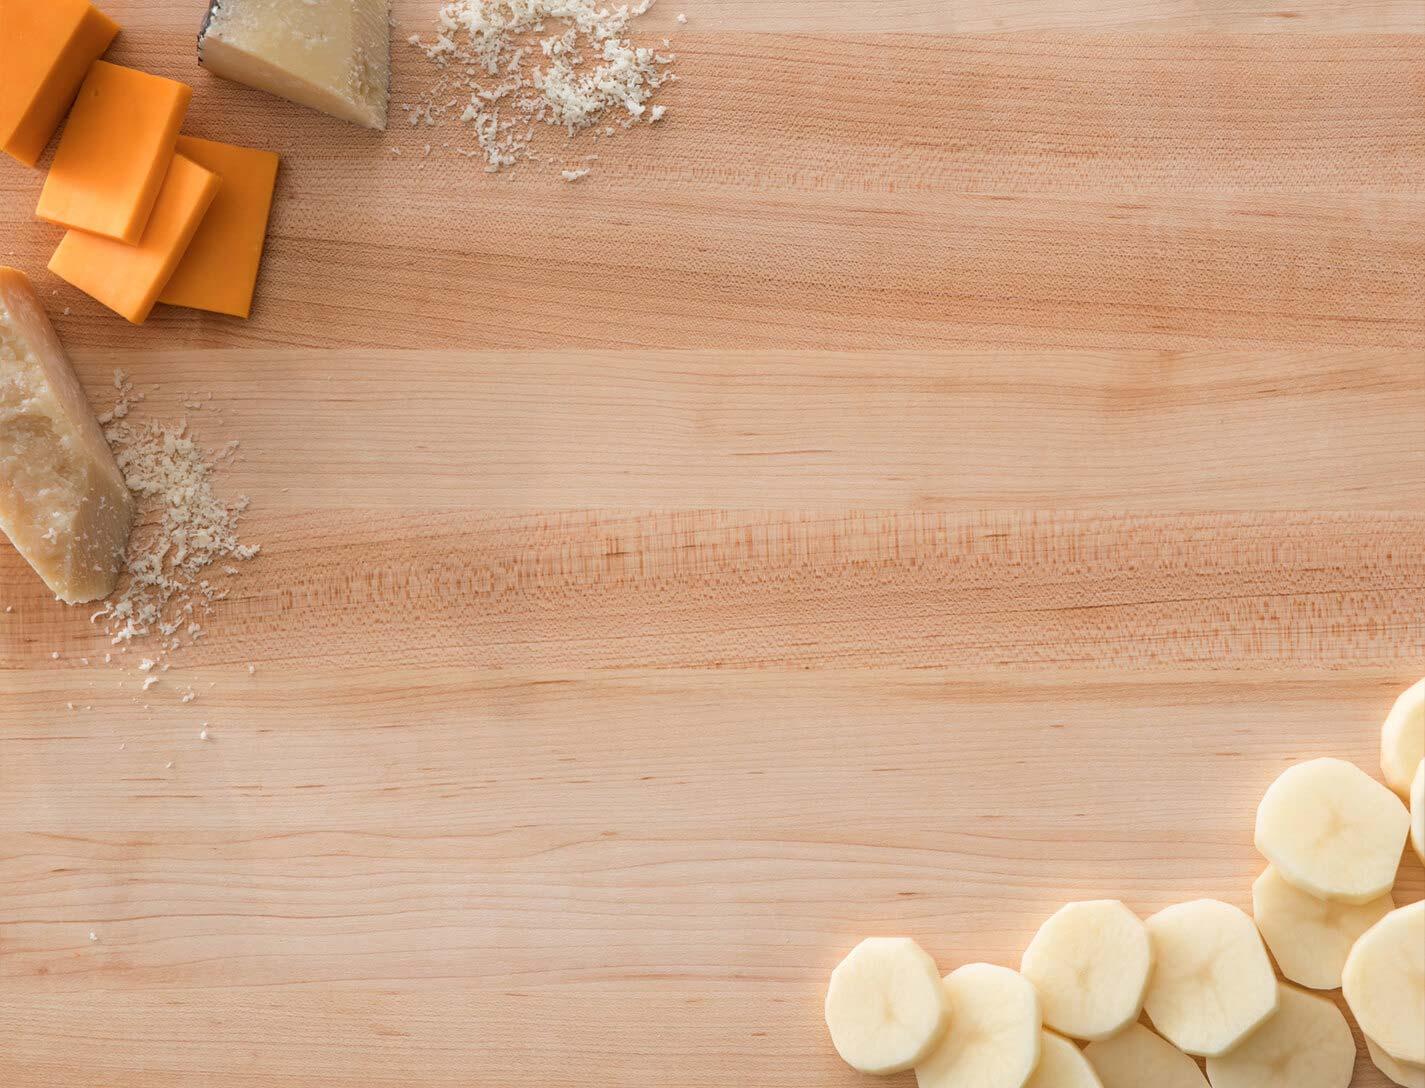 Bob Evans Oven Bake™ Scalloped Potatoes